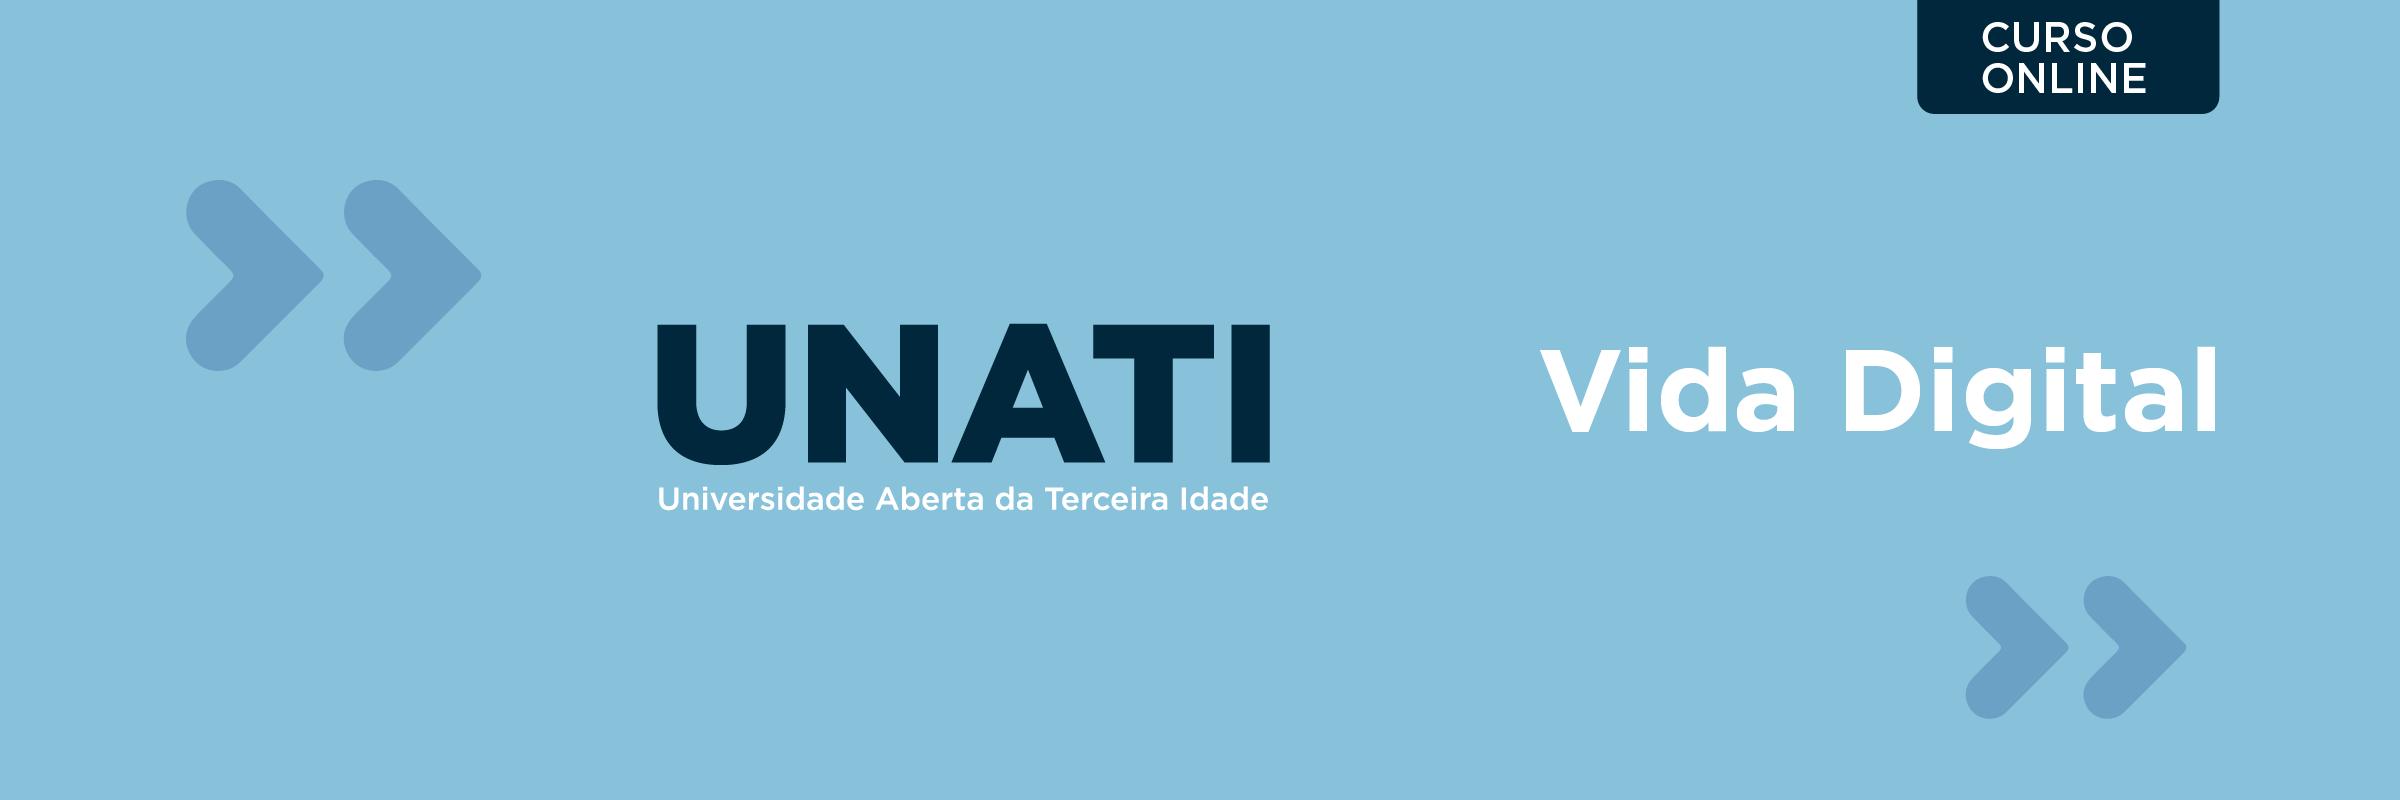 192164 - CURSO DE EXTENSÃO VIDA DIGITAL